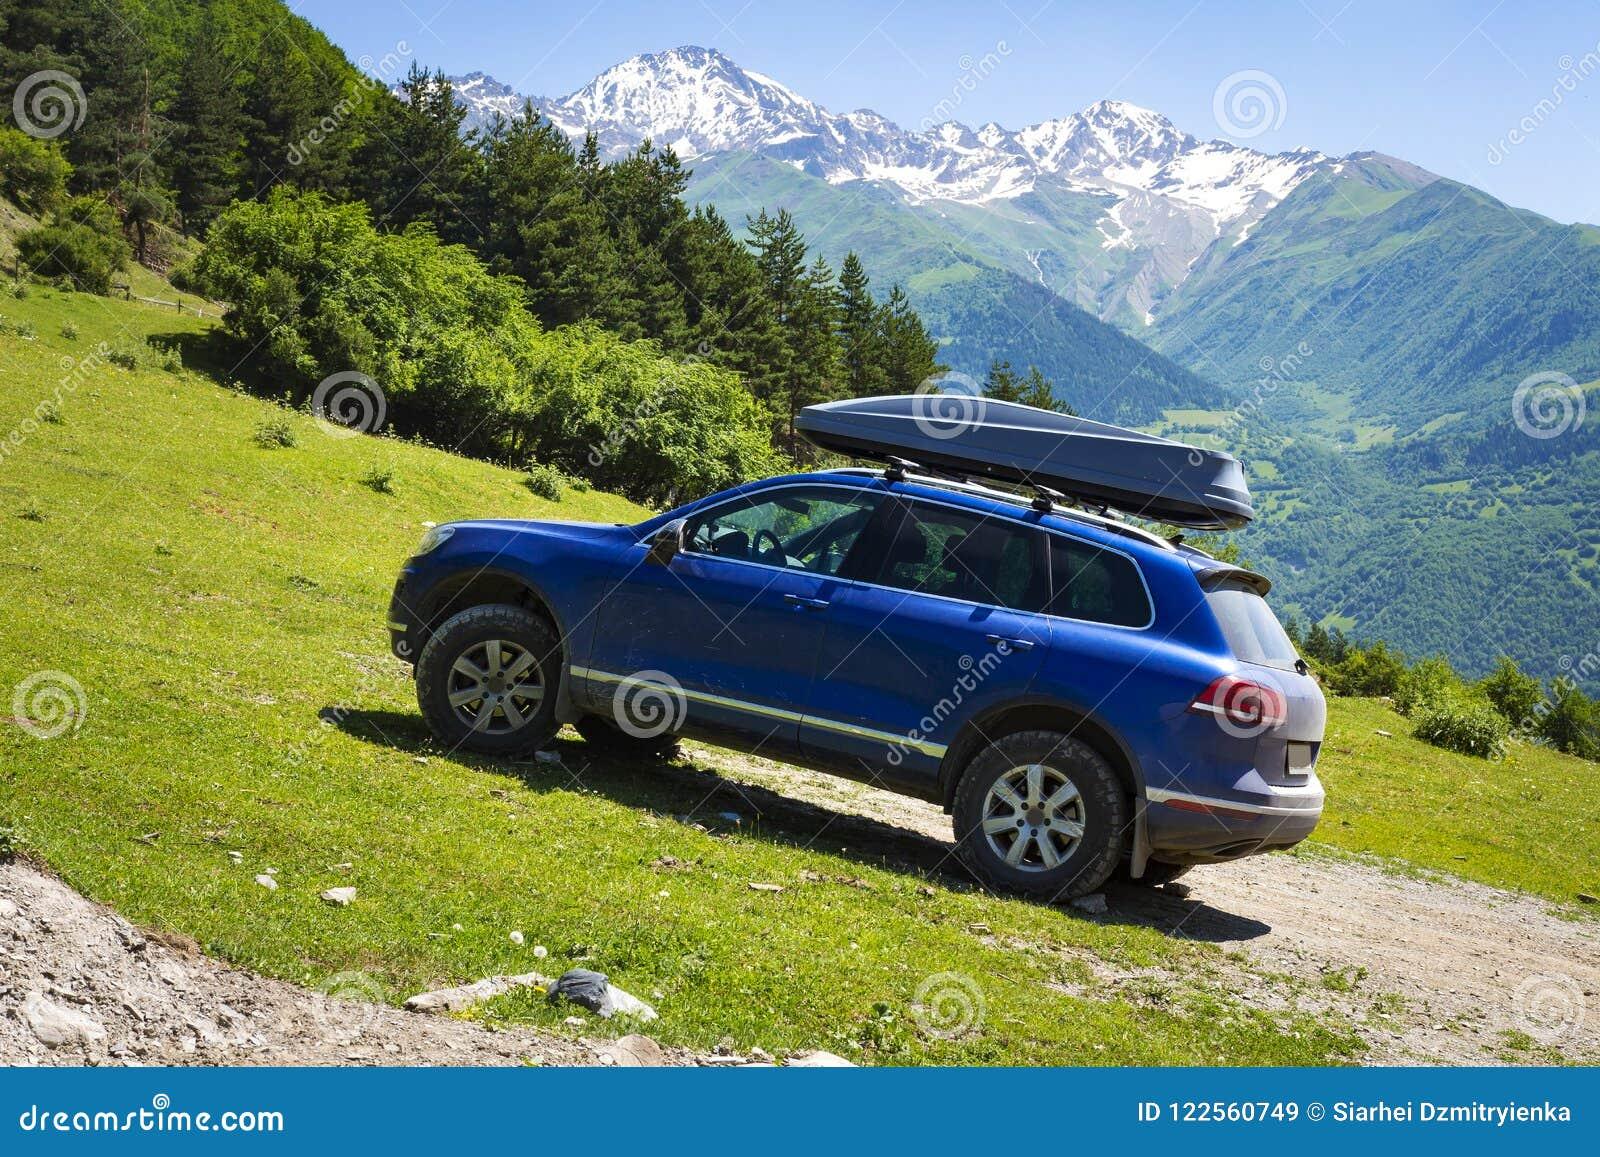 Carro nas montanhas O carro é um carro fora de estrada na montanha no dia de verão claro, ensolarado Curso pelo carro com o selva